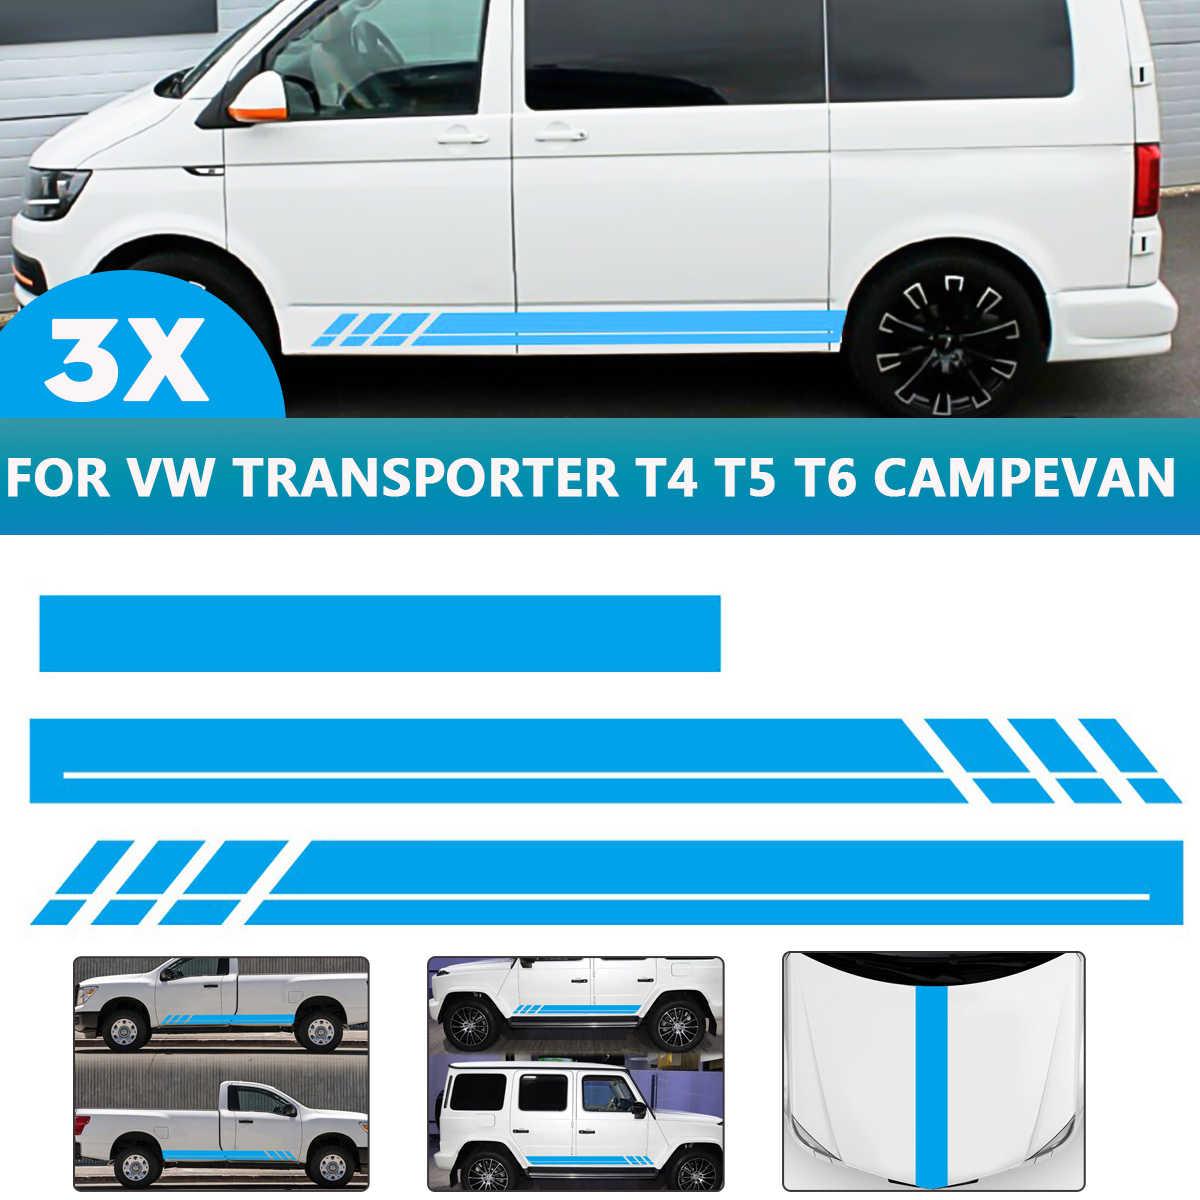 SUPERSTICKI Transporter T4 T5 T6 Multivan Seitenstreifen Racing Stripes beidseitig Aufkleber Autoaufkleber Tuningaufkleber Hochleistungsfolie f/ü r alle glatten Fl/ä chen UV und Waschanlagenf SUPERSTICKI®